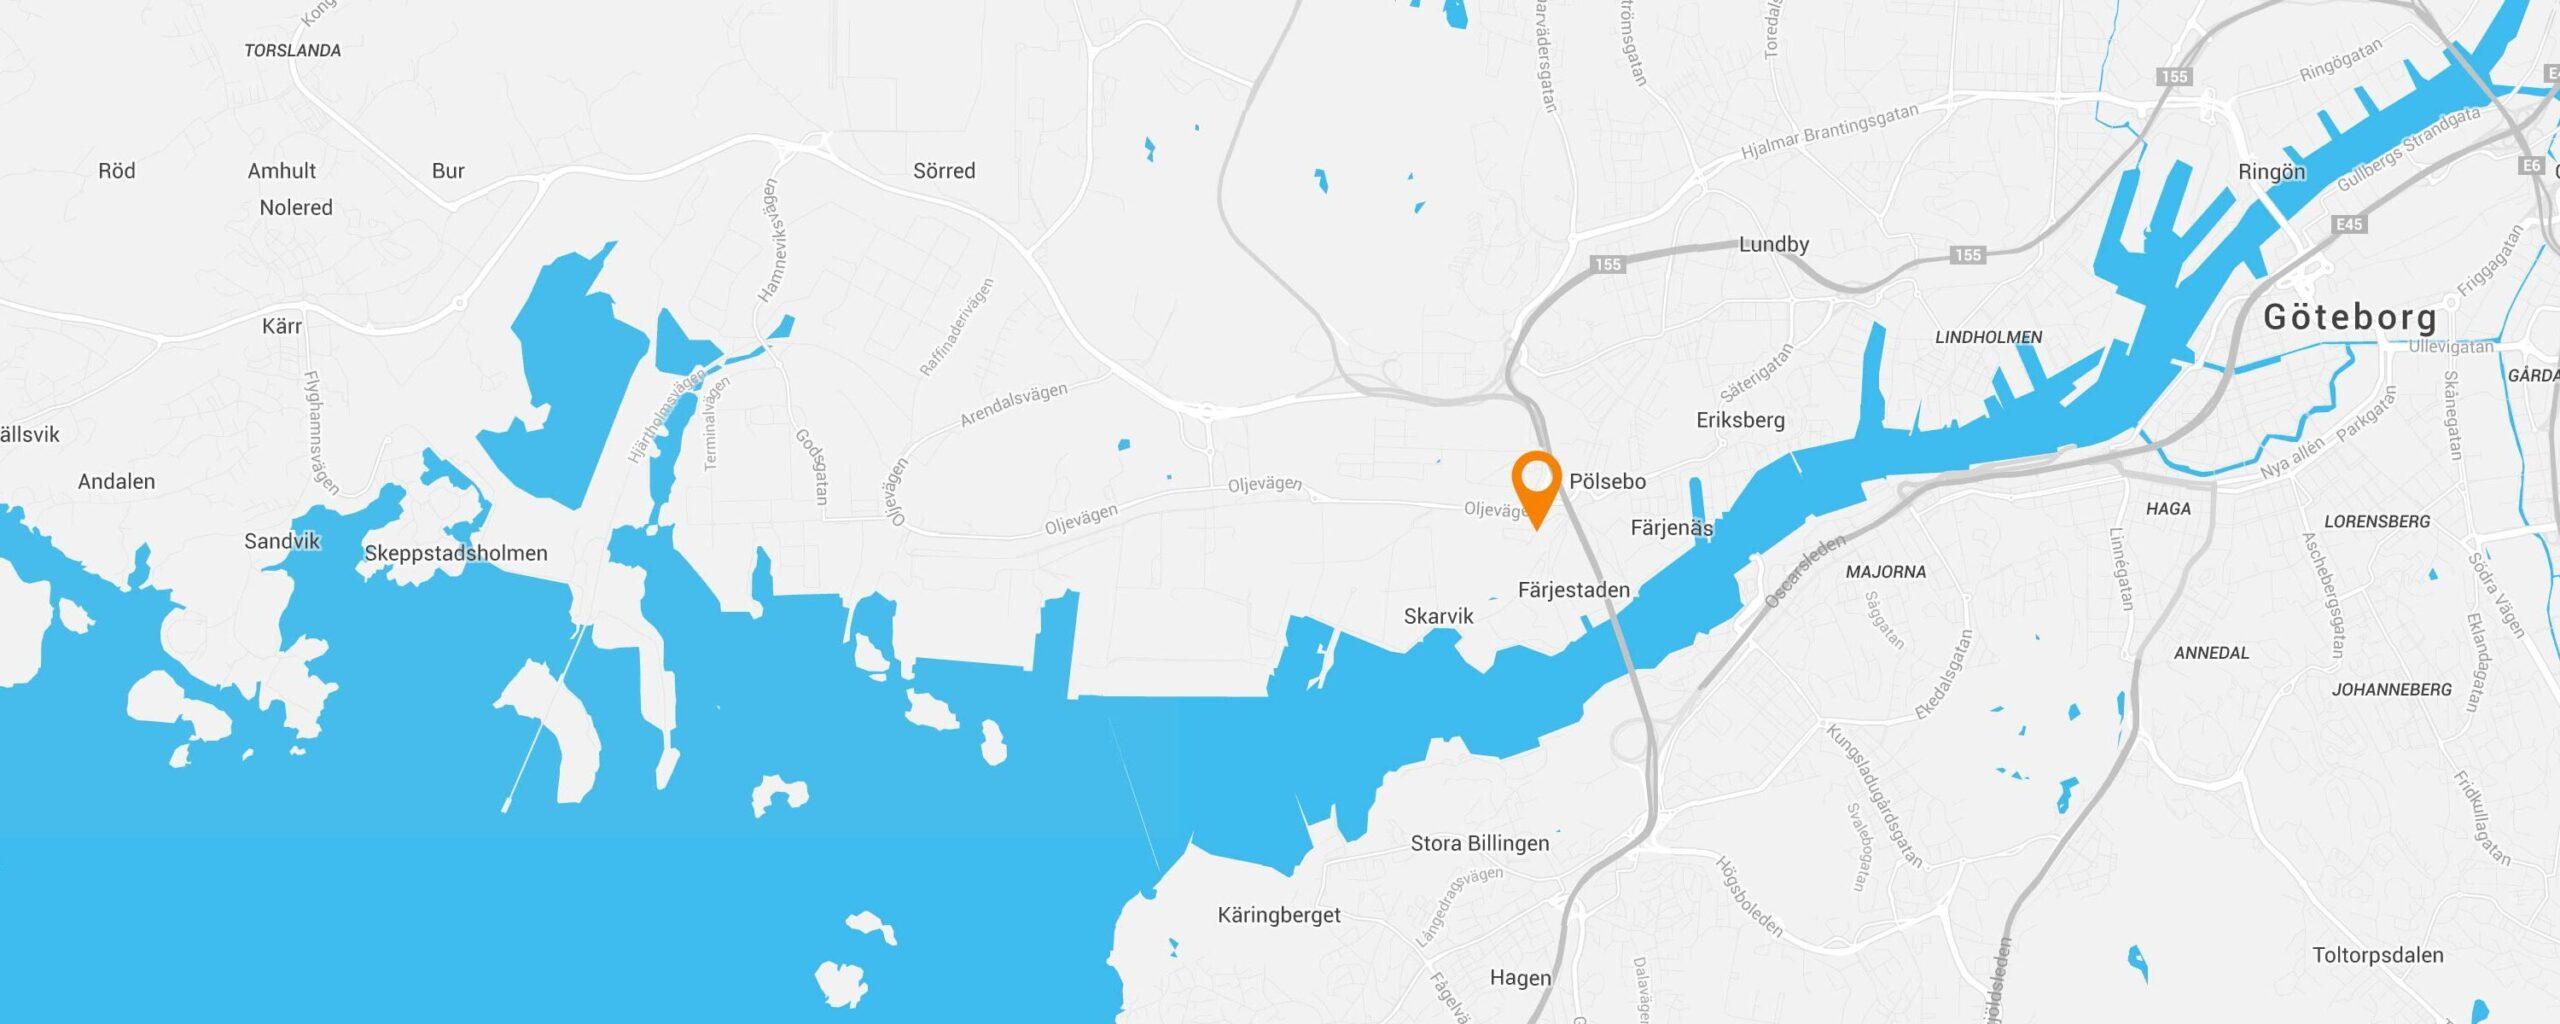 http://Kartbild%20över%20Göteborgs%20hamninlopp